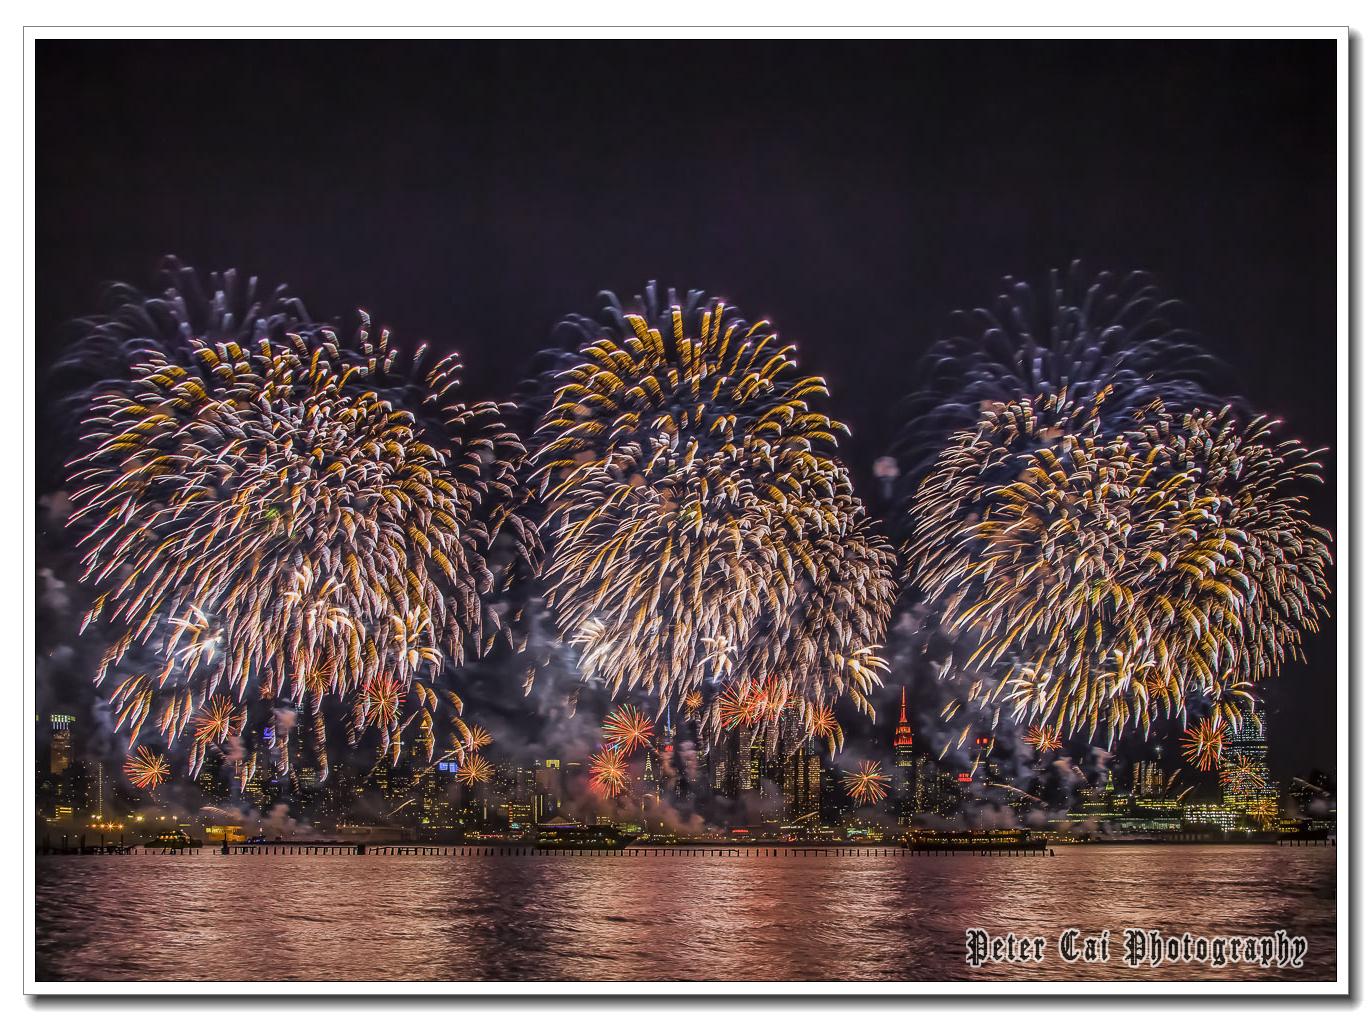 昨晚纽约施放焰火来庆祝中国猴年_图1-14